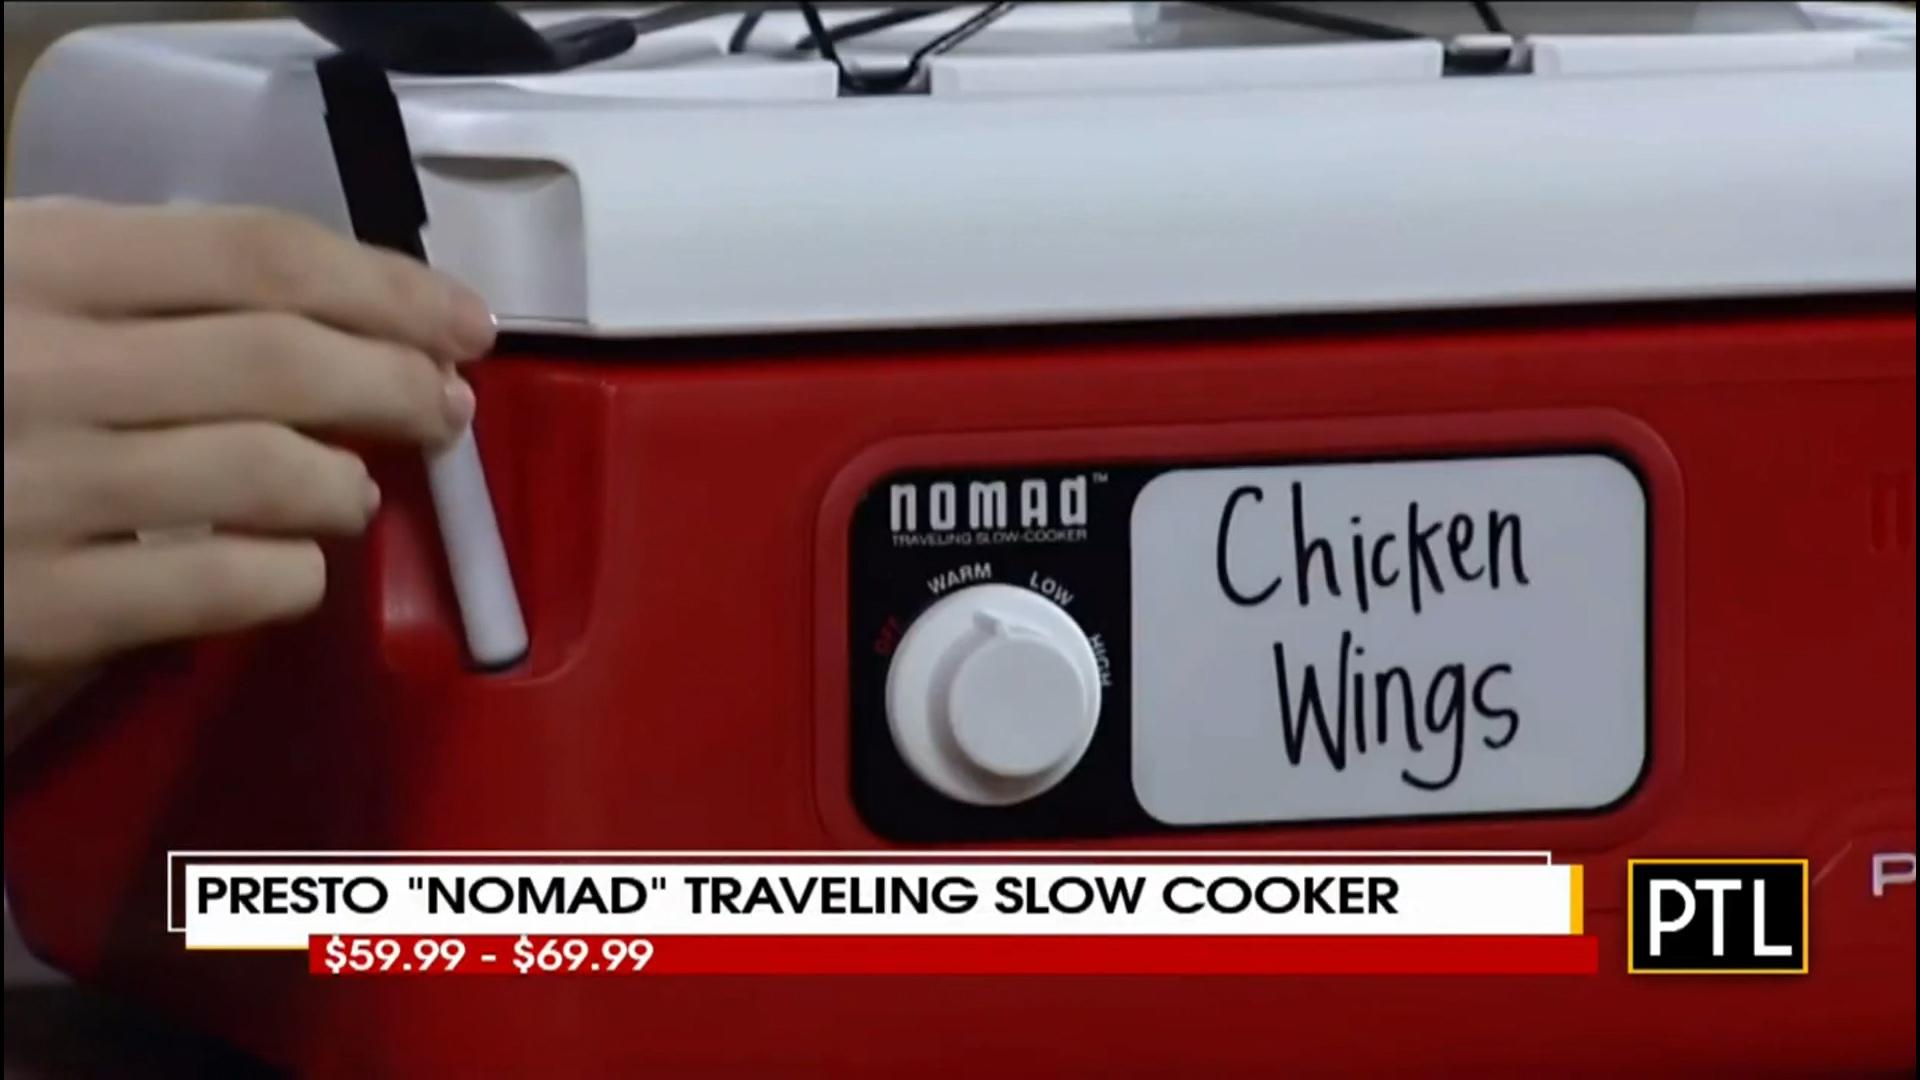 """PRESTO """"NOMAD"""" Traveling Slow Cooker - $59.99 6 Qt. 69.99 8 Qt.     Shop Now"""